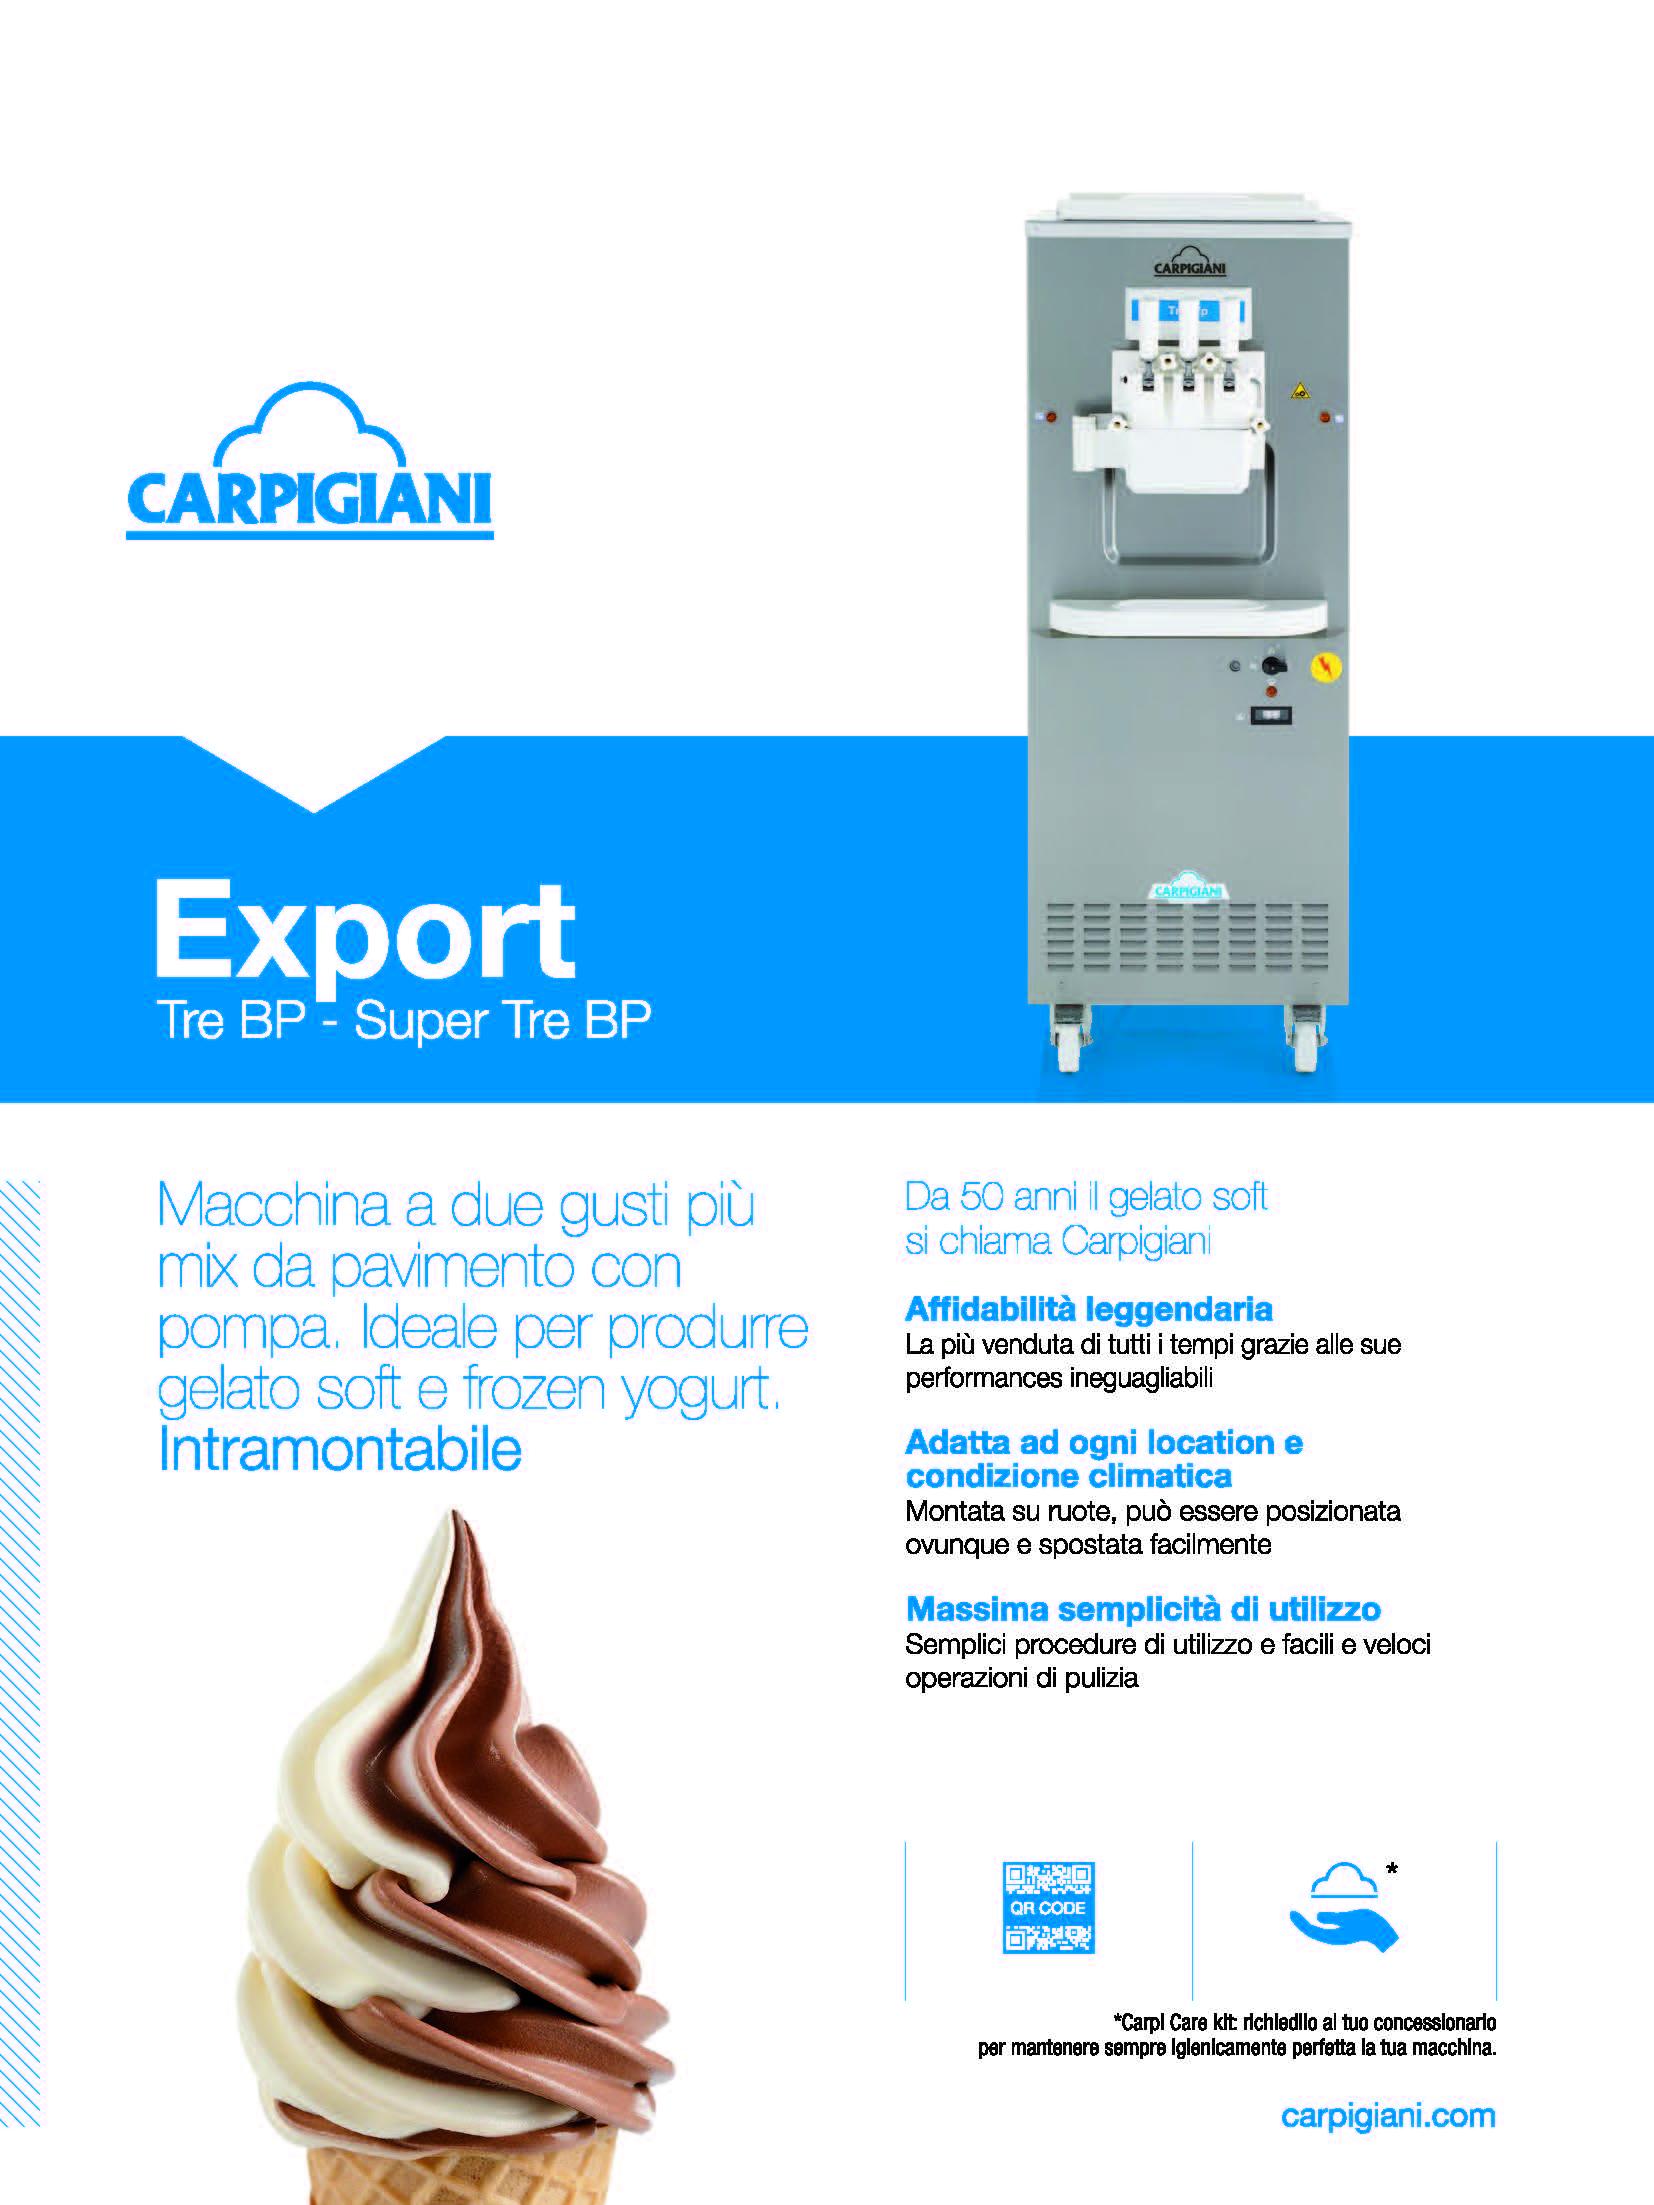 Carpigiani – Tre BP Super Tre BP